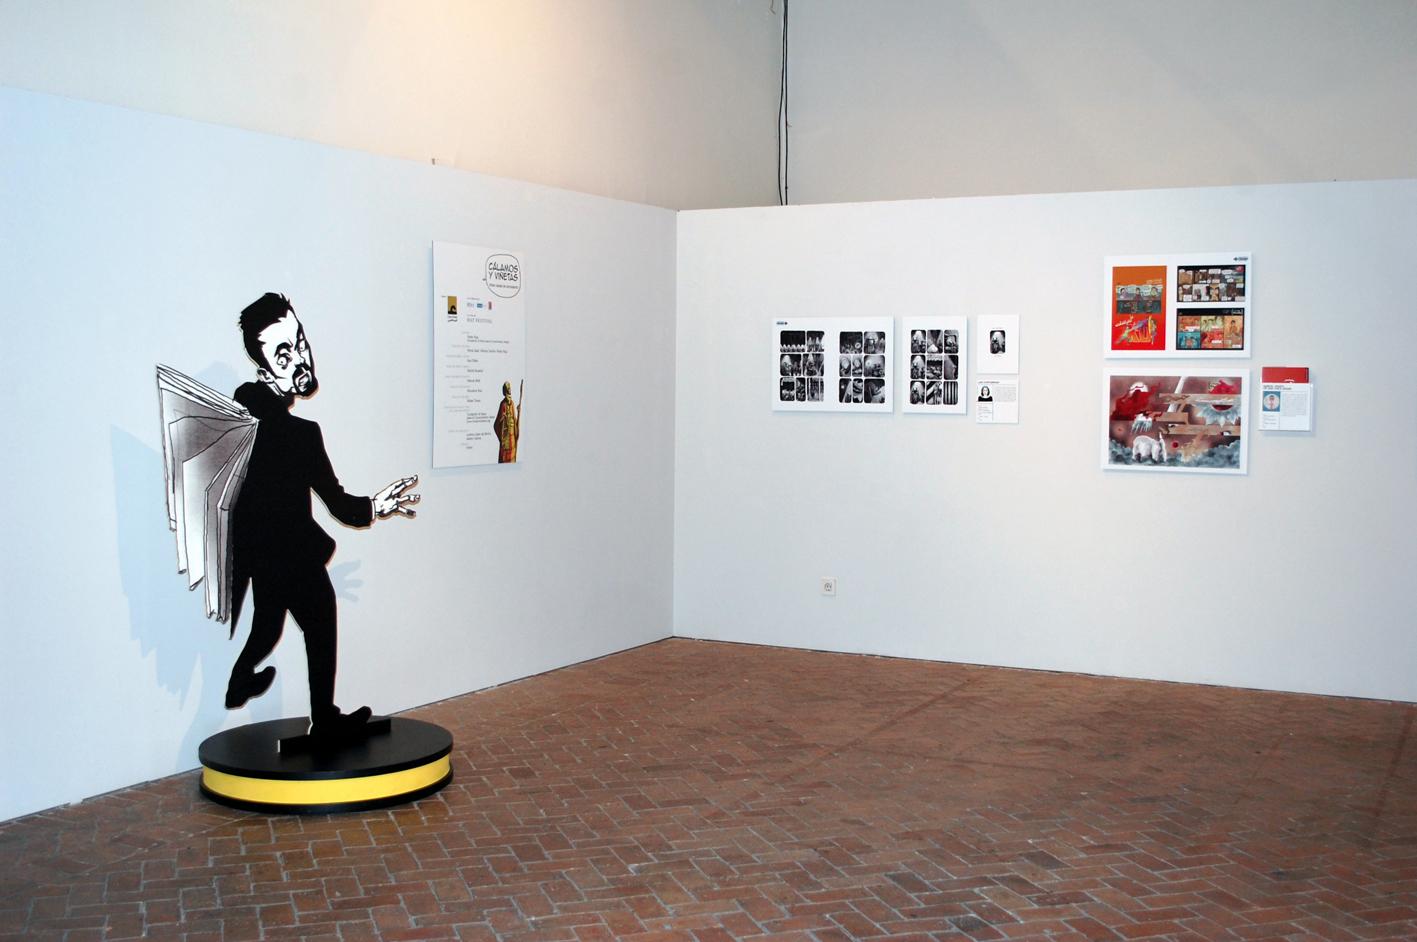 Una de las salas de exposiciones de la muestra Cálamos y viñetas.